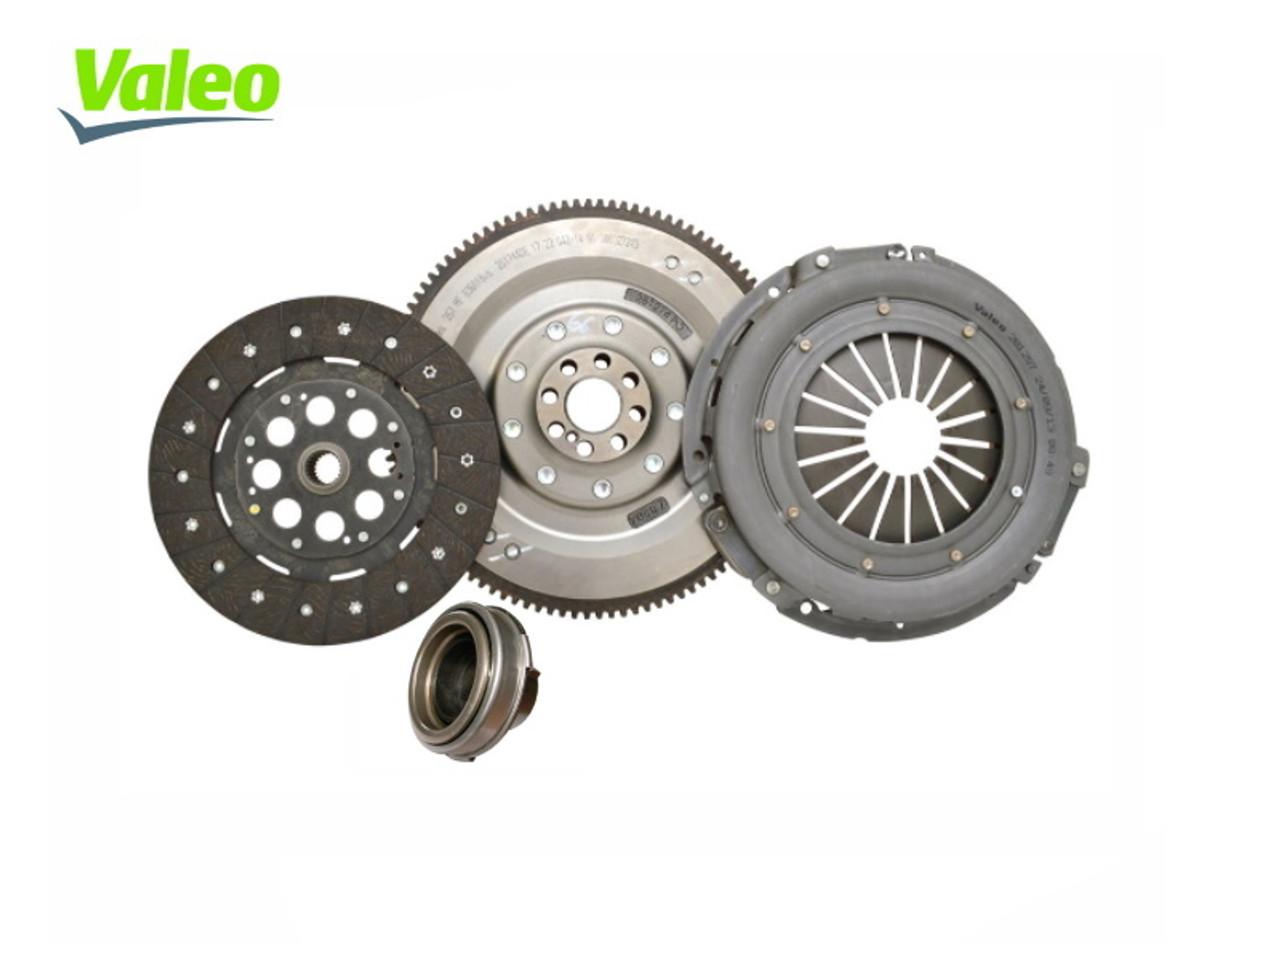 Valeo Td5 Clutch Kit And Flywheel - DA2357G - GCKTD5 - PSD103470